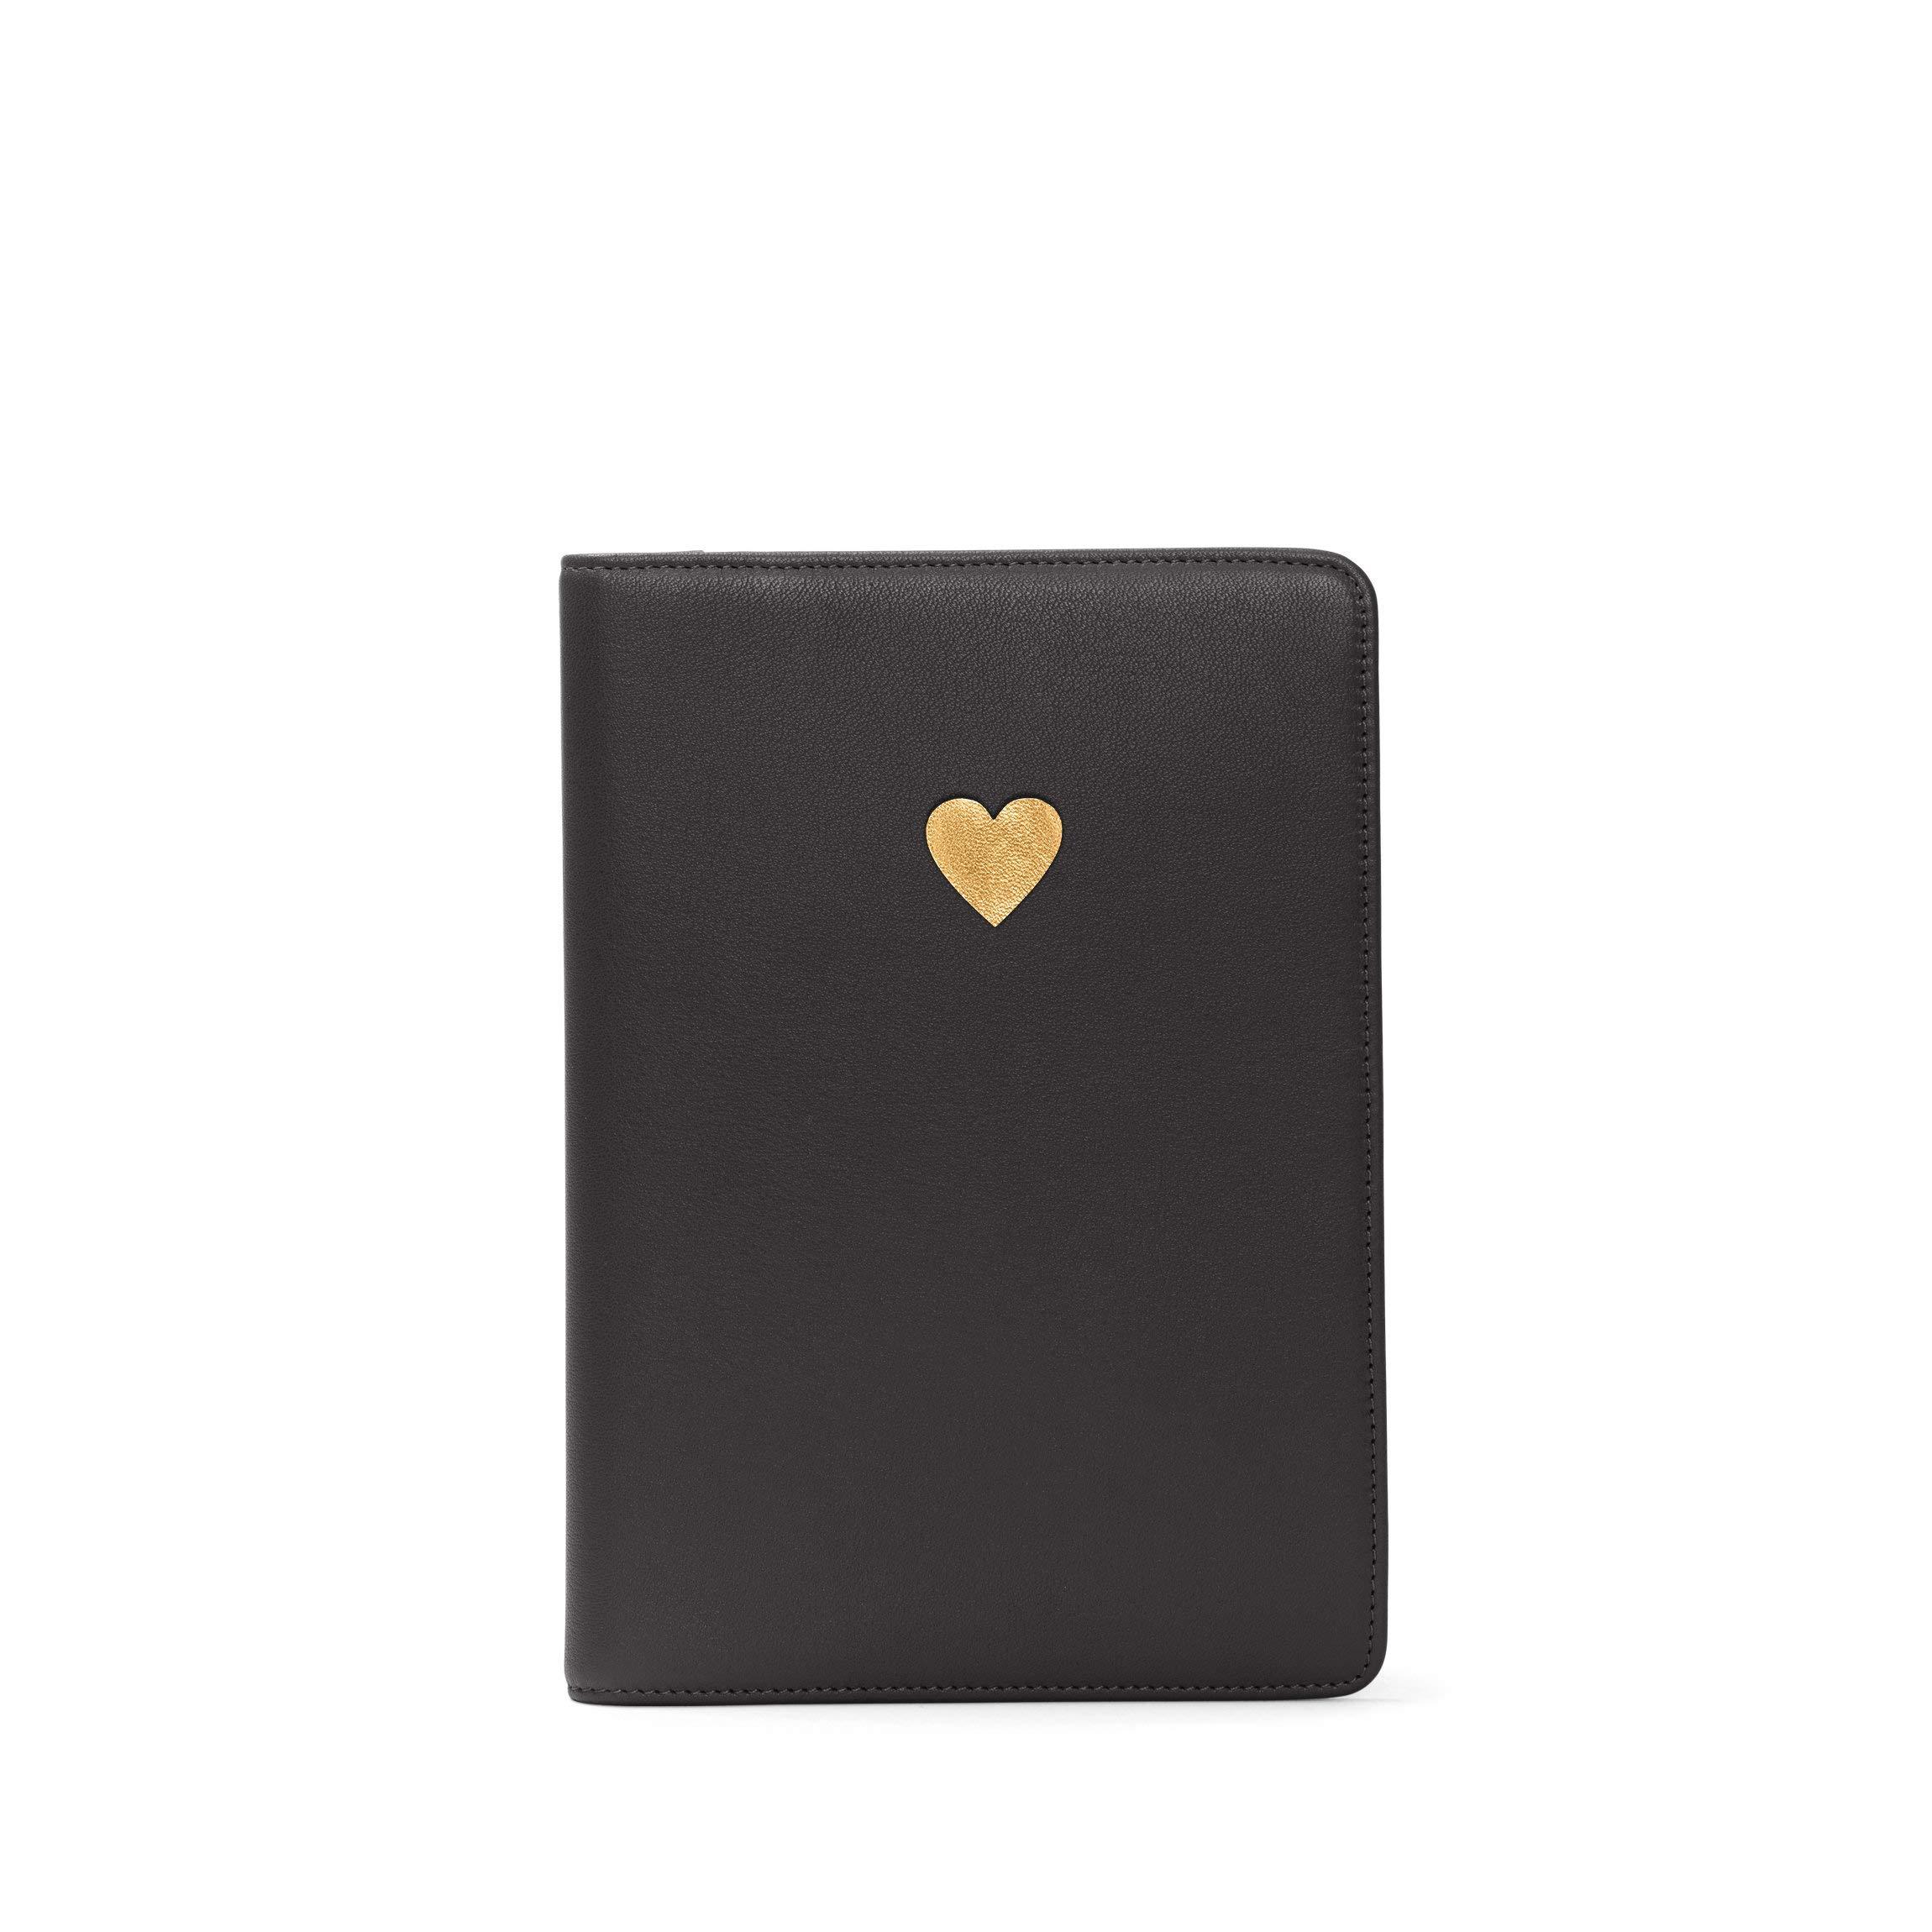 Heart Journal - Full Grain Leather - Black Onyx (black)